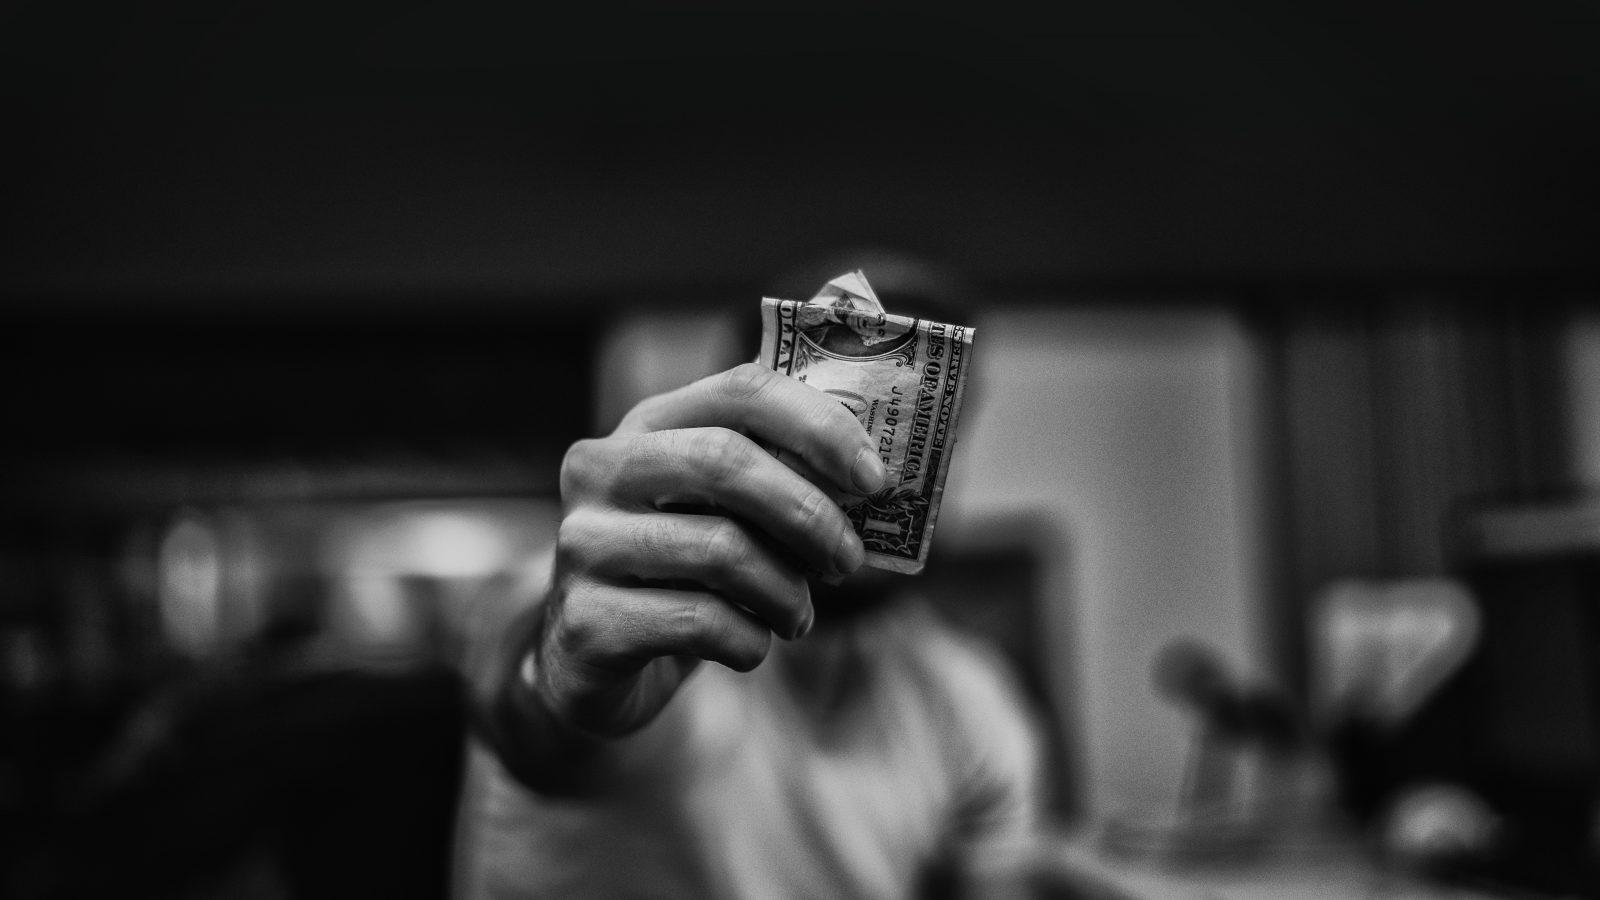 Minutová půjčka vyřeší výdaje, snimiž se nedá dopředu počítat